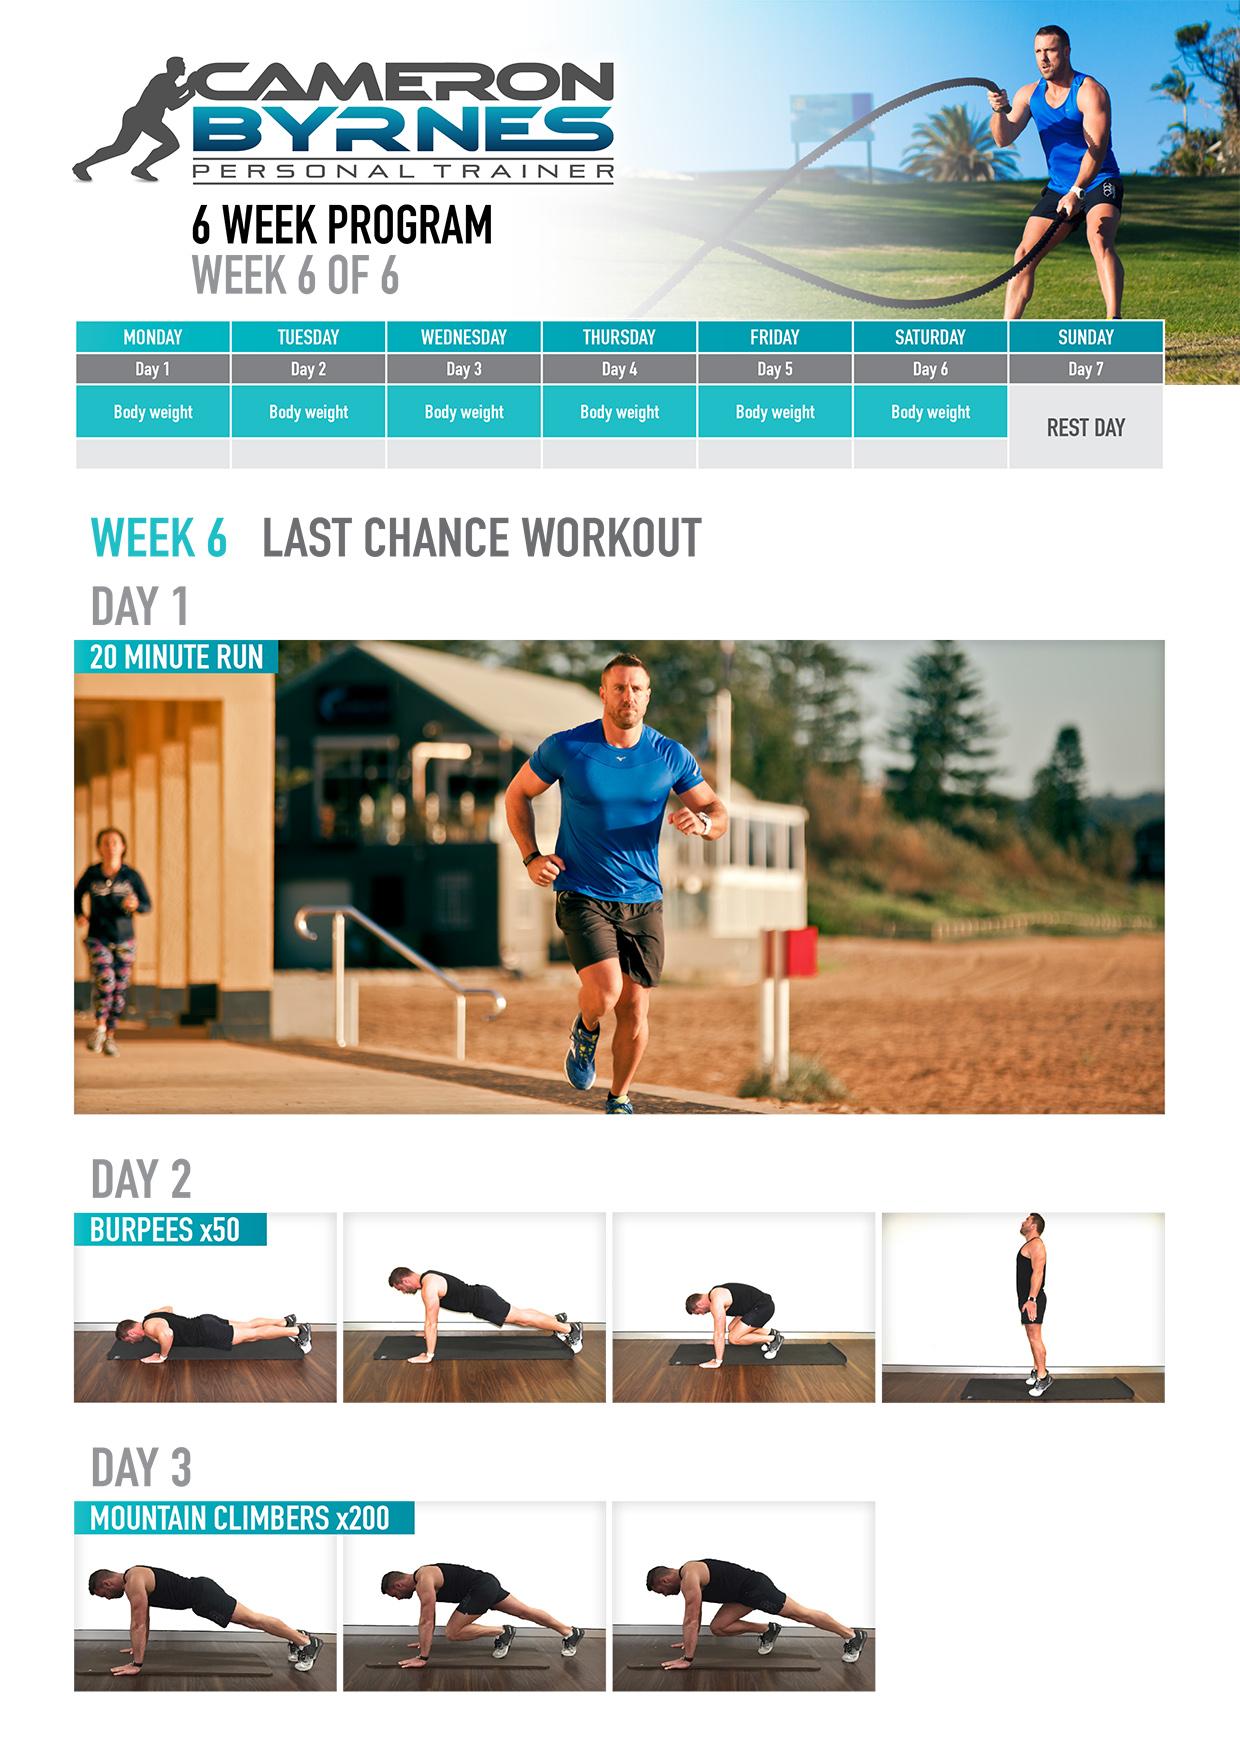 CameronByrnes_6WeekProgram_Week6-1.jpg